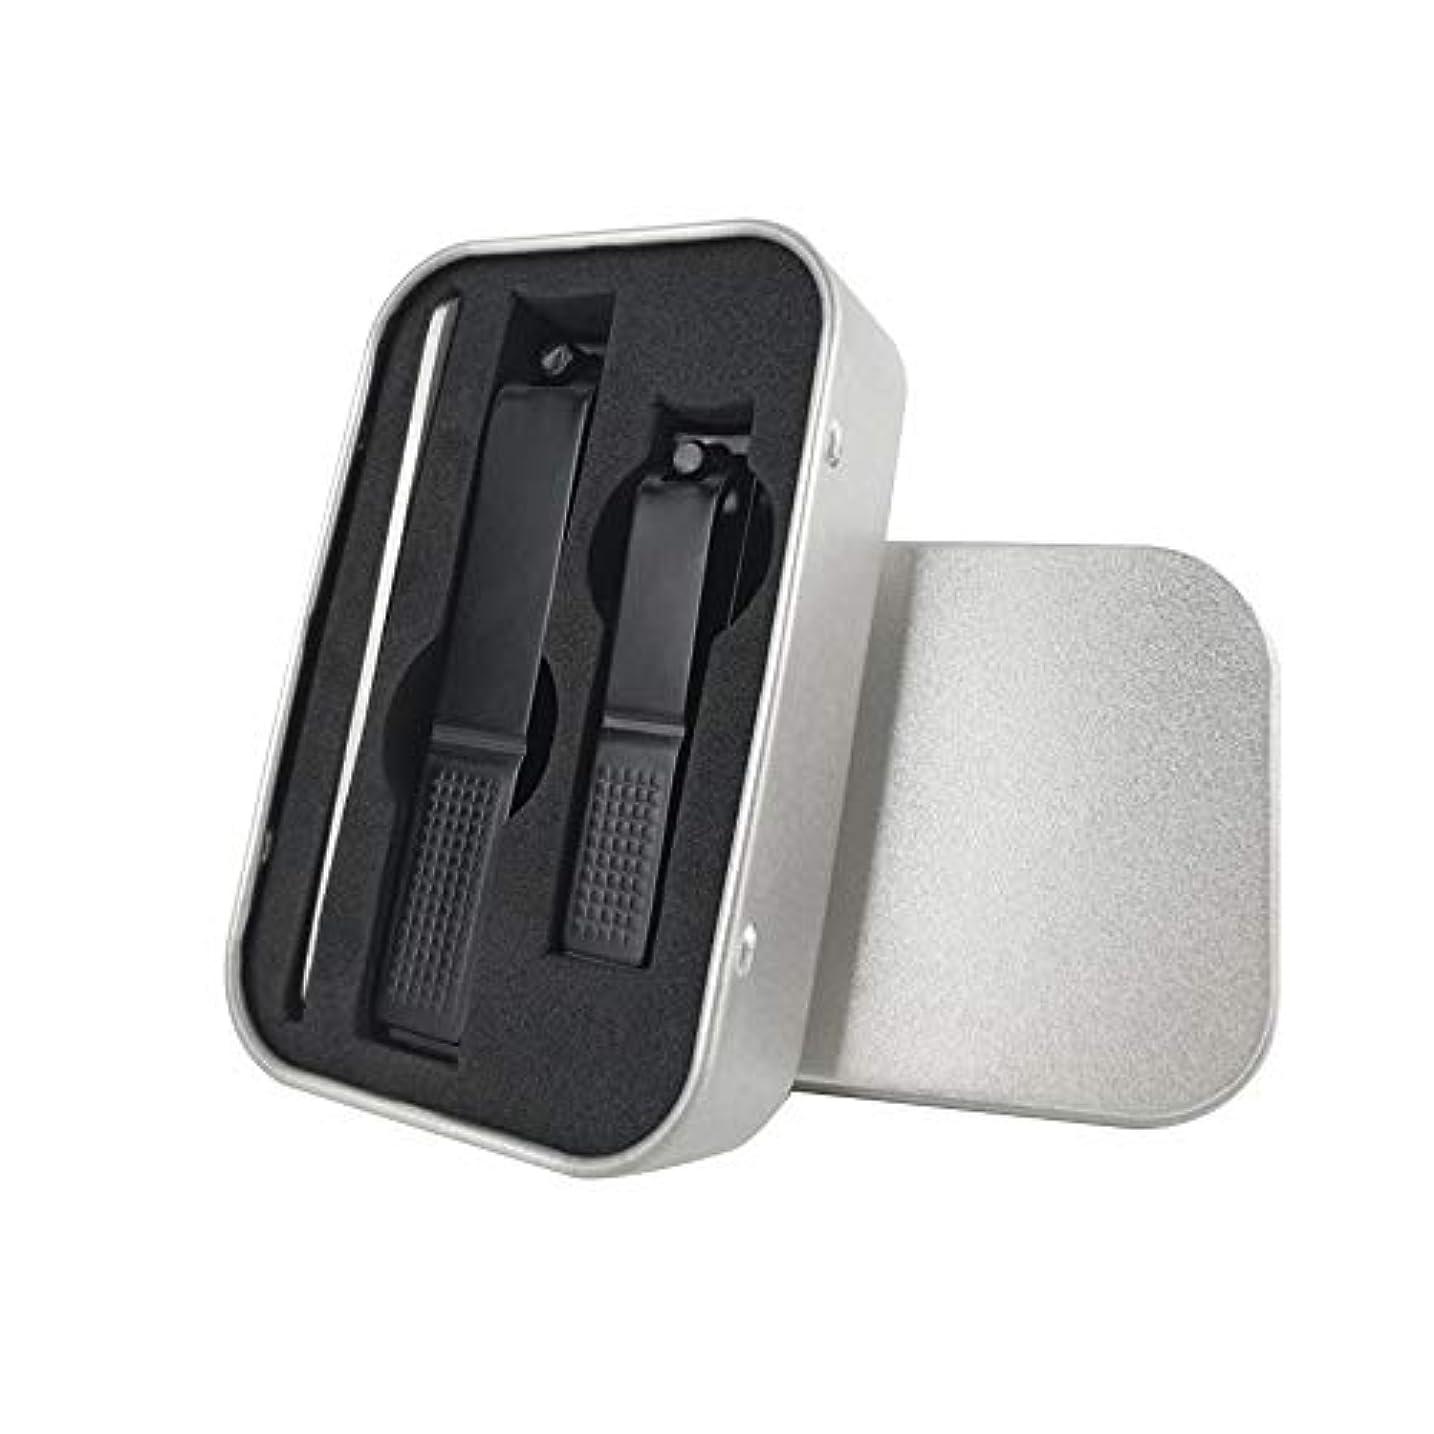 行政書士樹皮RECOO 爪切り 爪やすり 携帯用3本セット つめきり ネイルケア 高級はがね 握りやすい爪切り 専用収納ケース入り 曲線刃 (大/小爪切り)